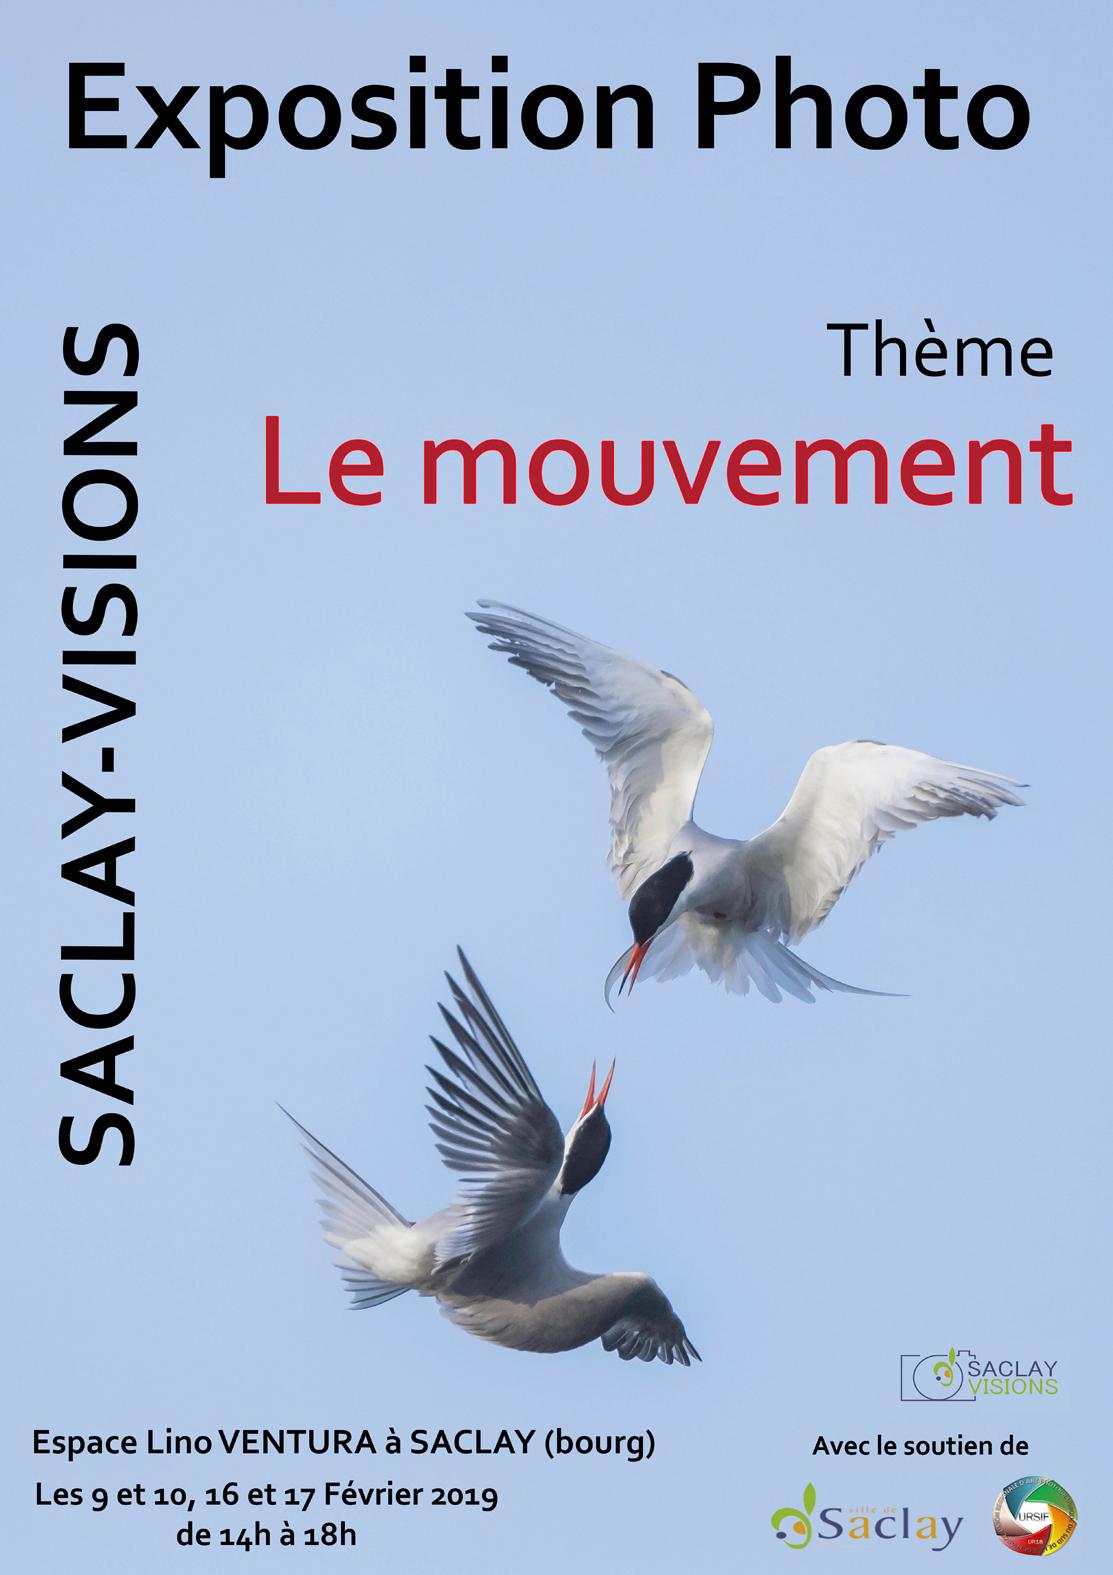 Expo interne du photo-club Saclay Visions sur le thème du «mouvement» les 9-10 & 16-17 février 19 à l'Espace Lino Ventura